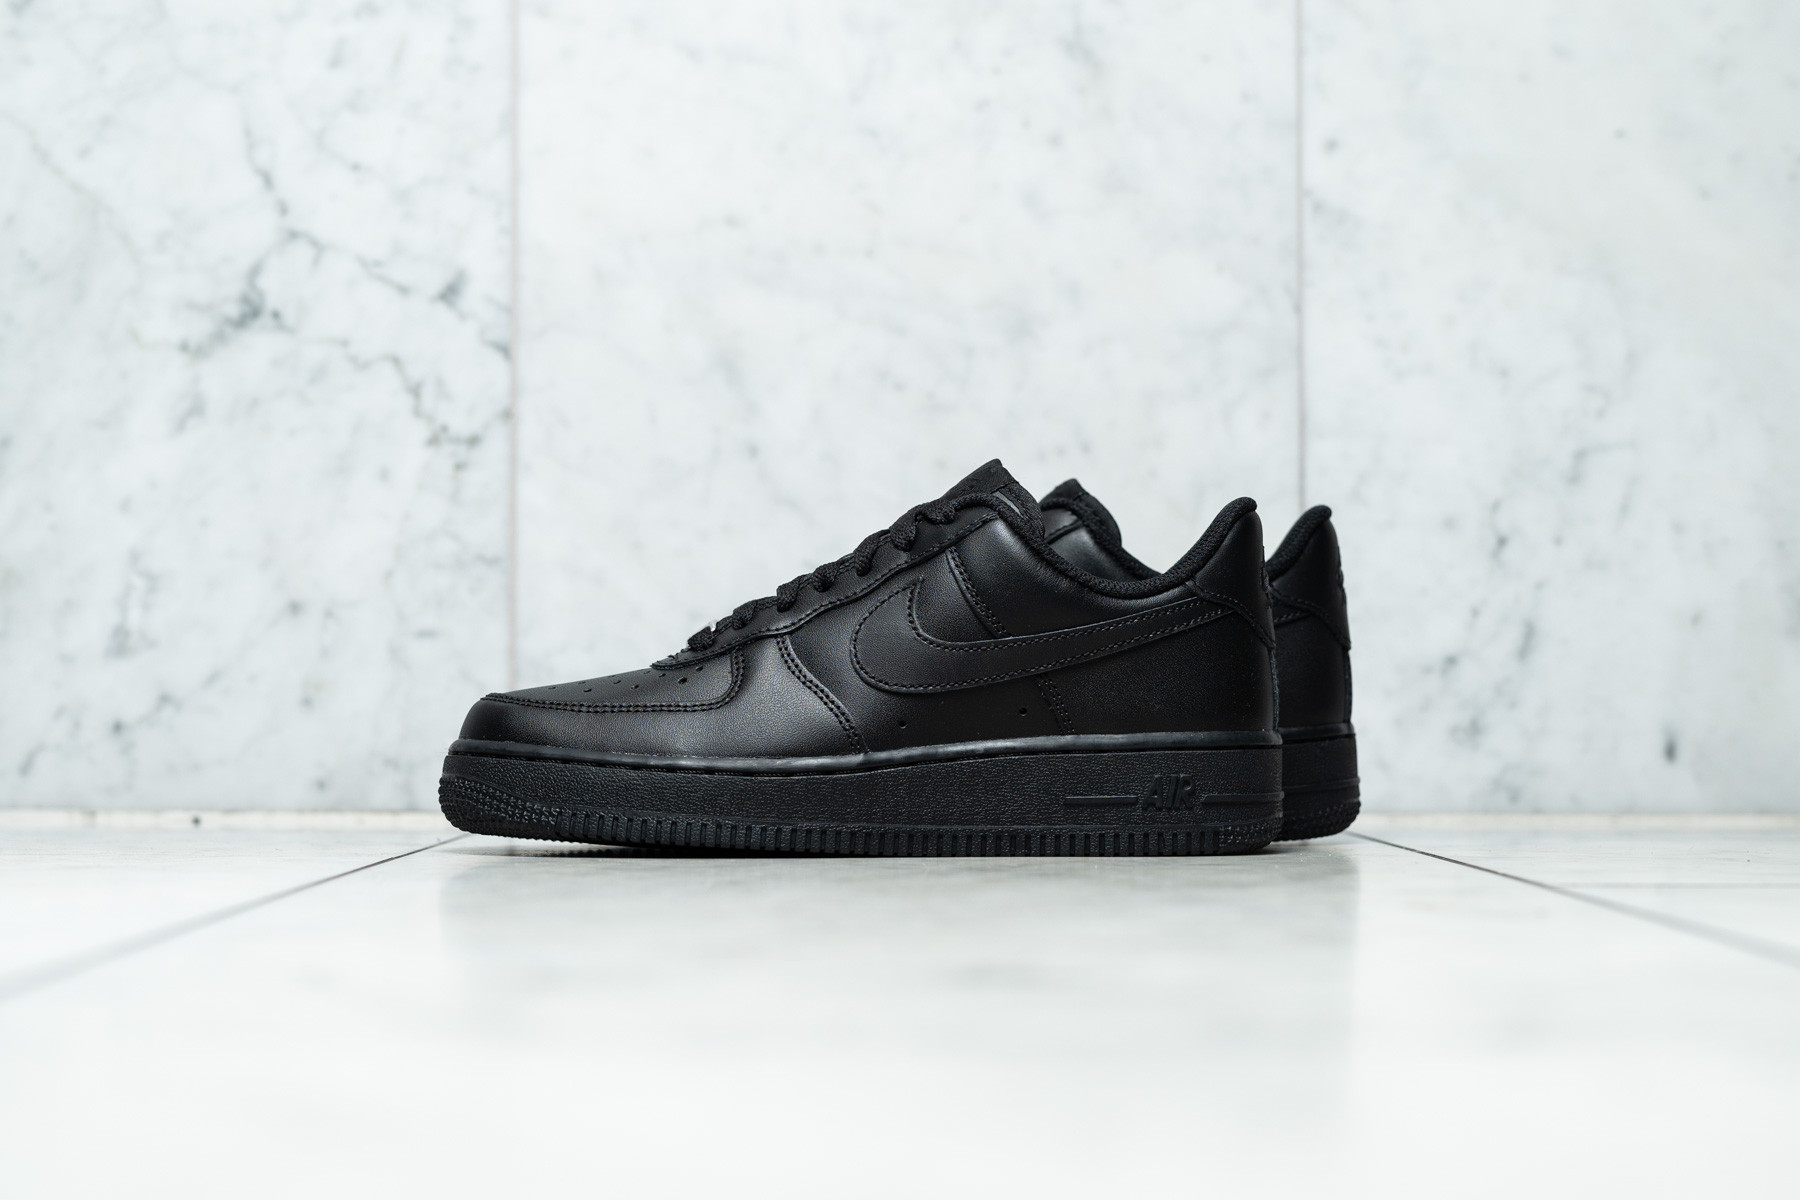 Nike Air Force Max Low Black